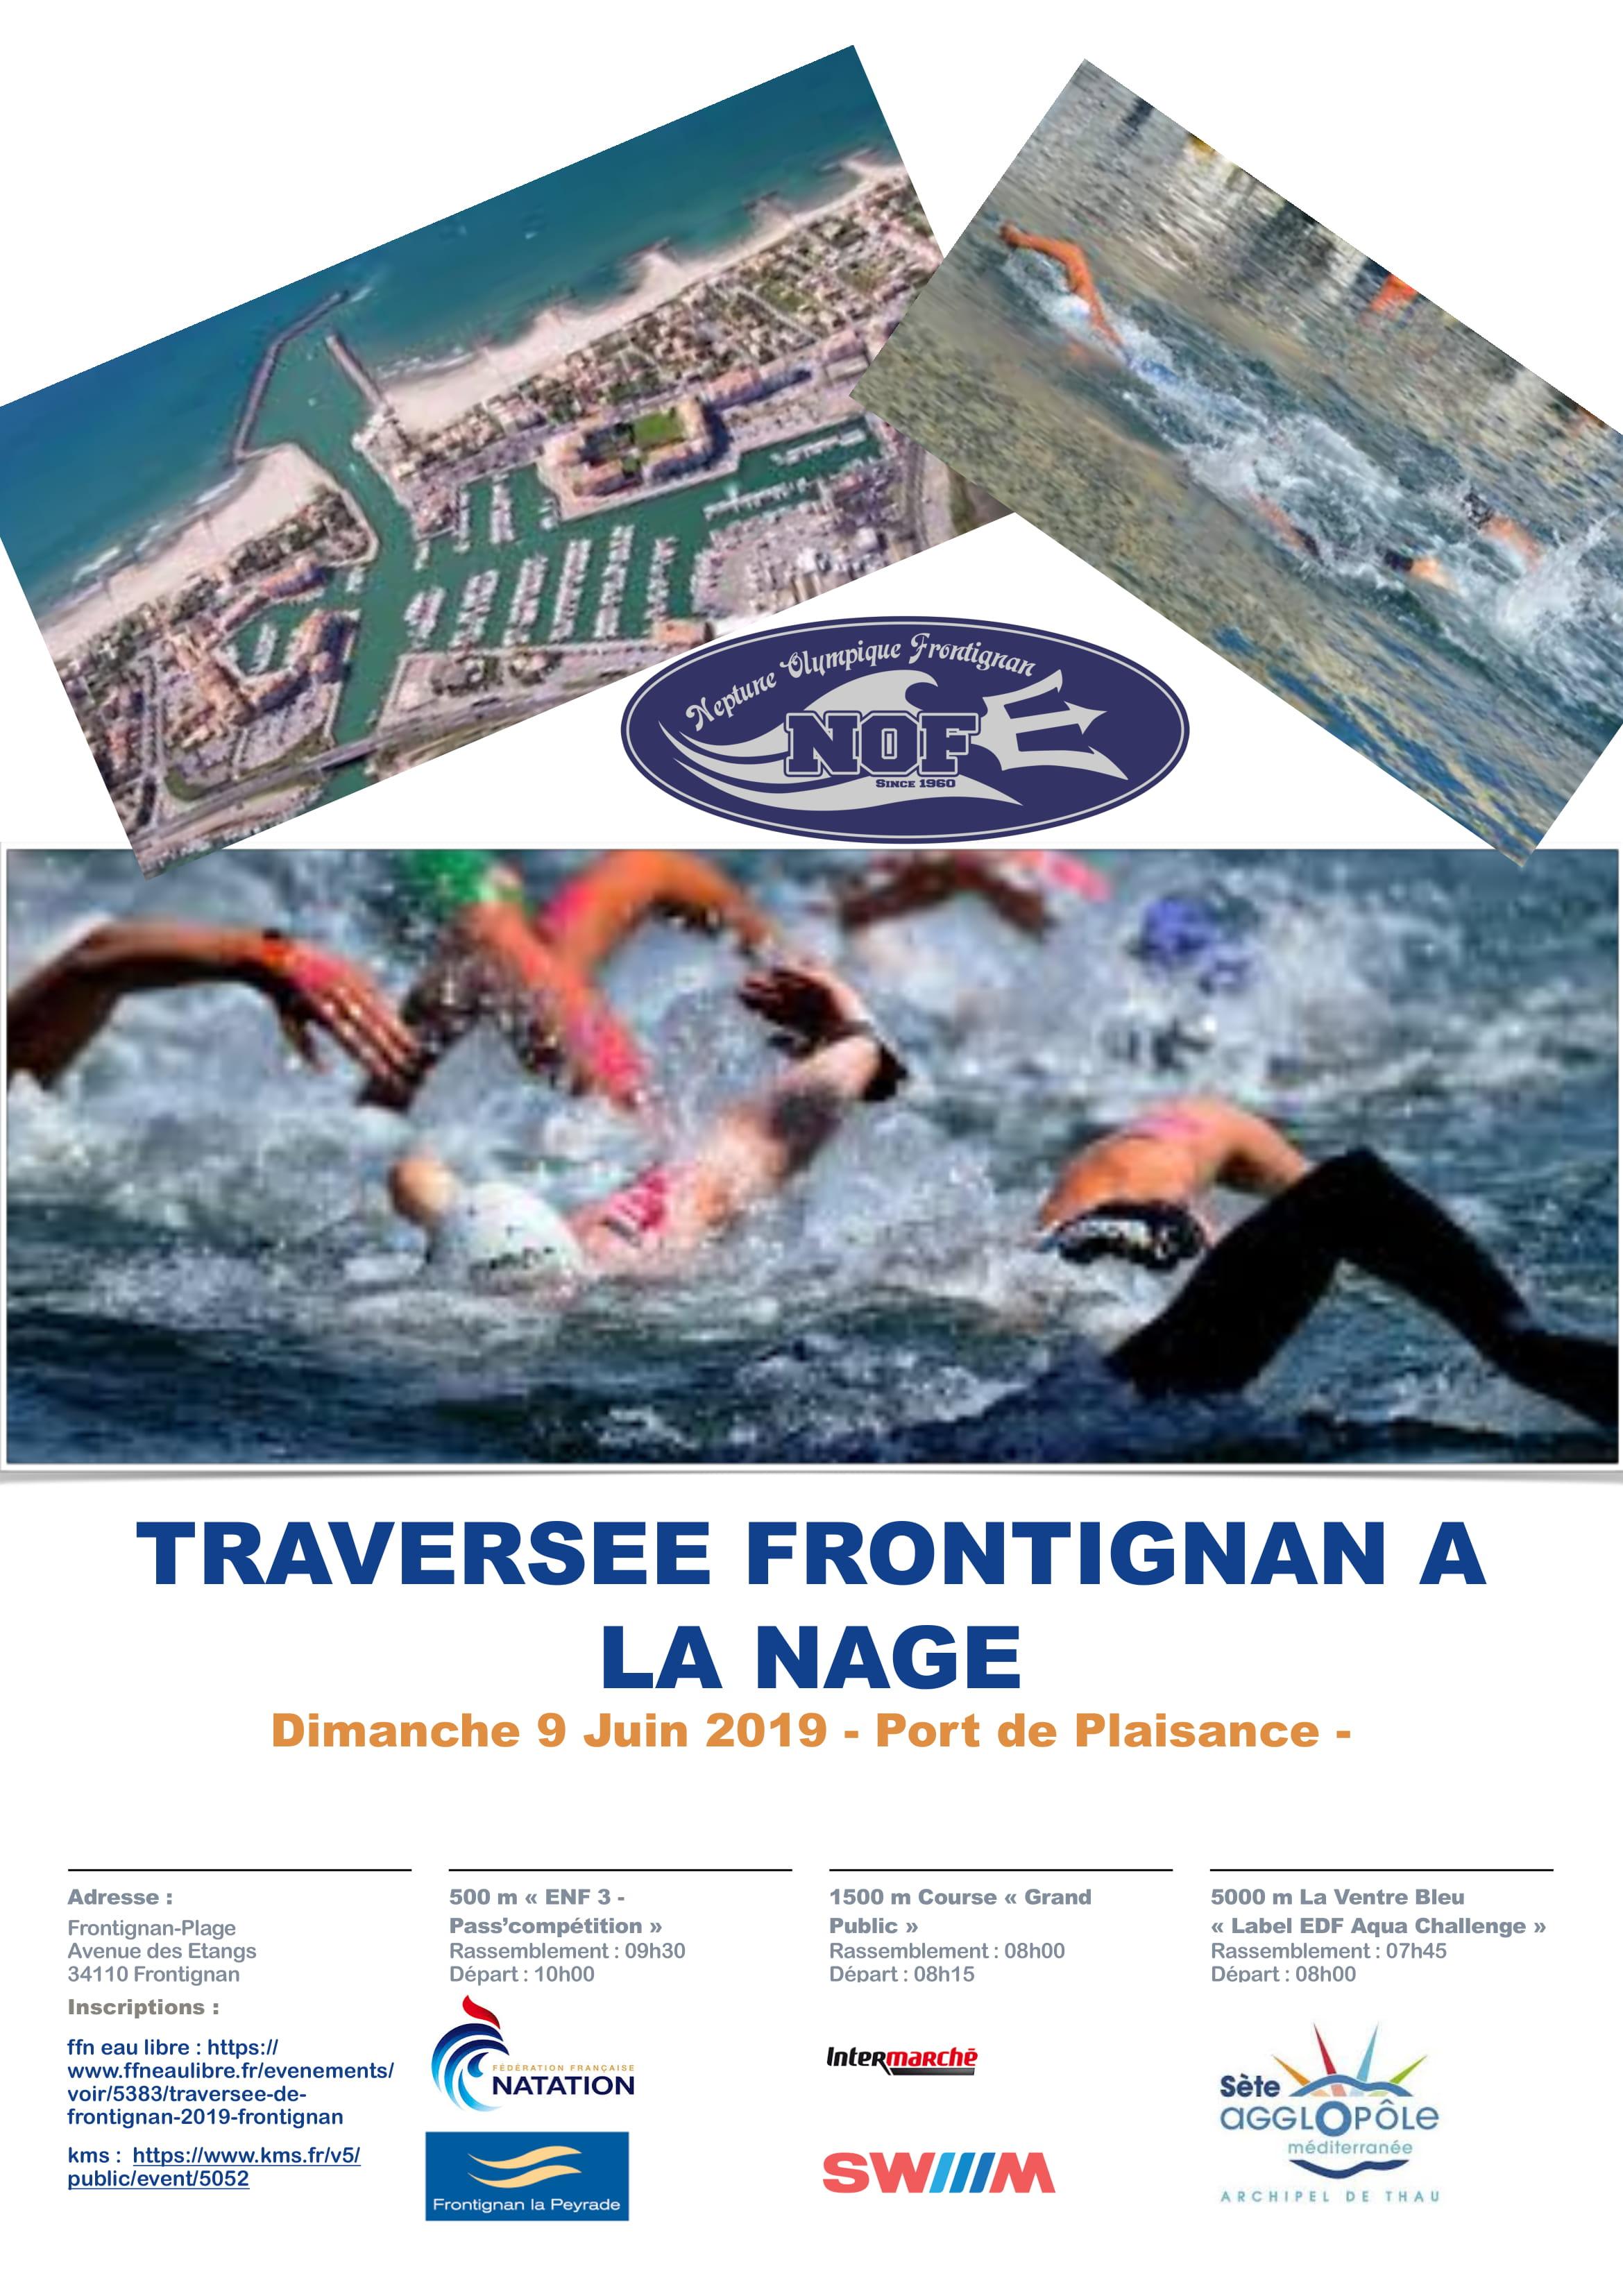 Traversee de Frontignan 5 000m